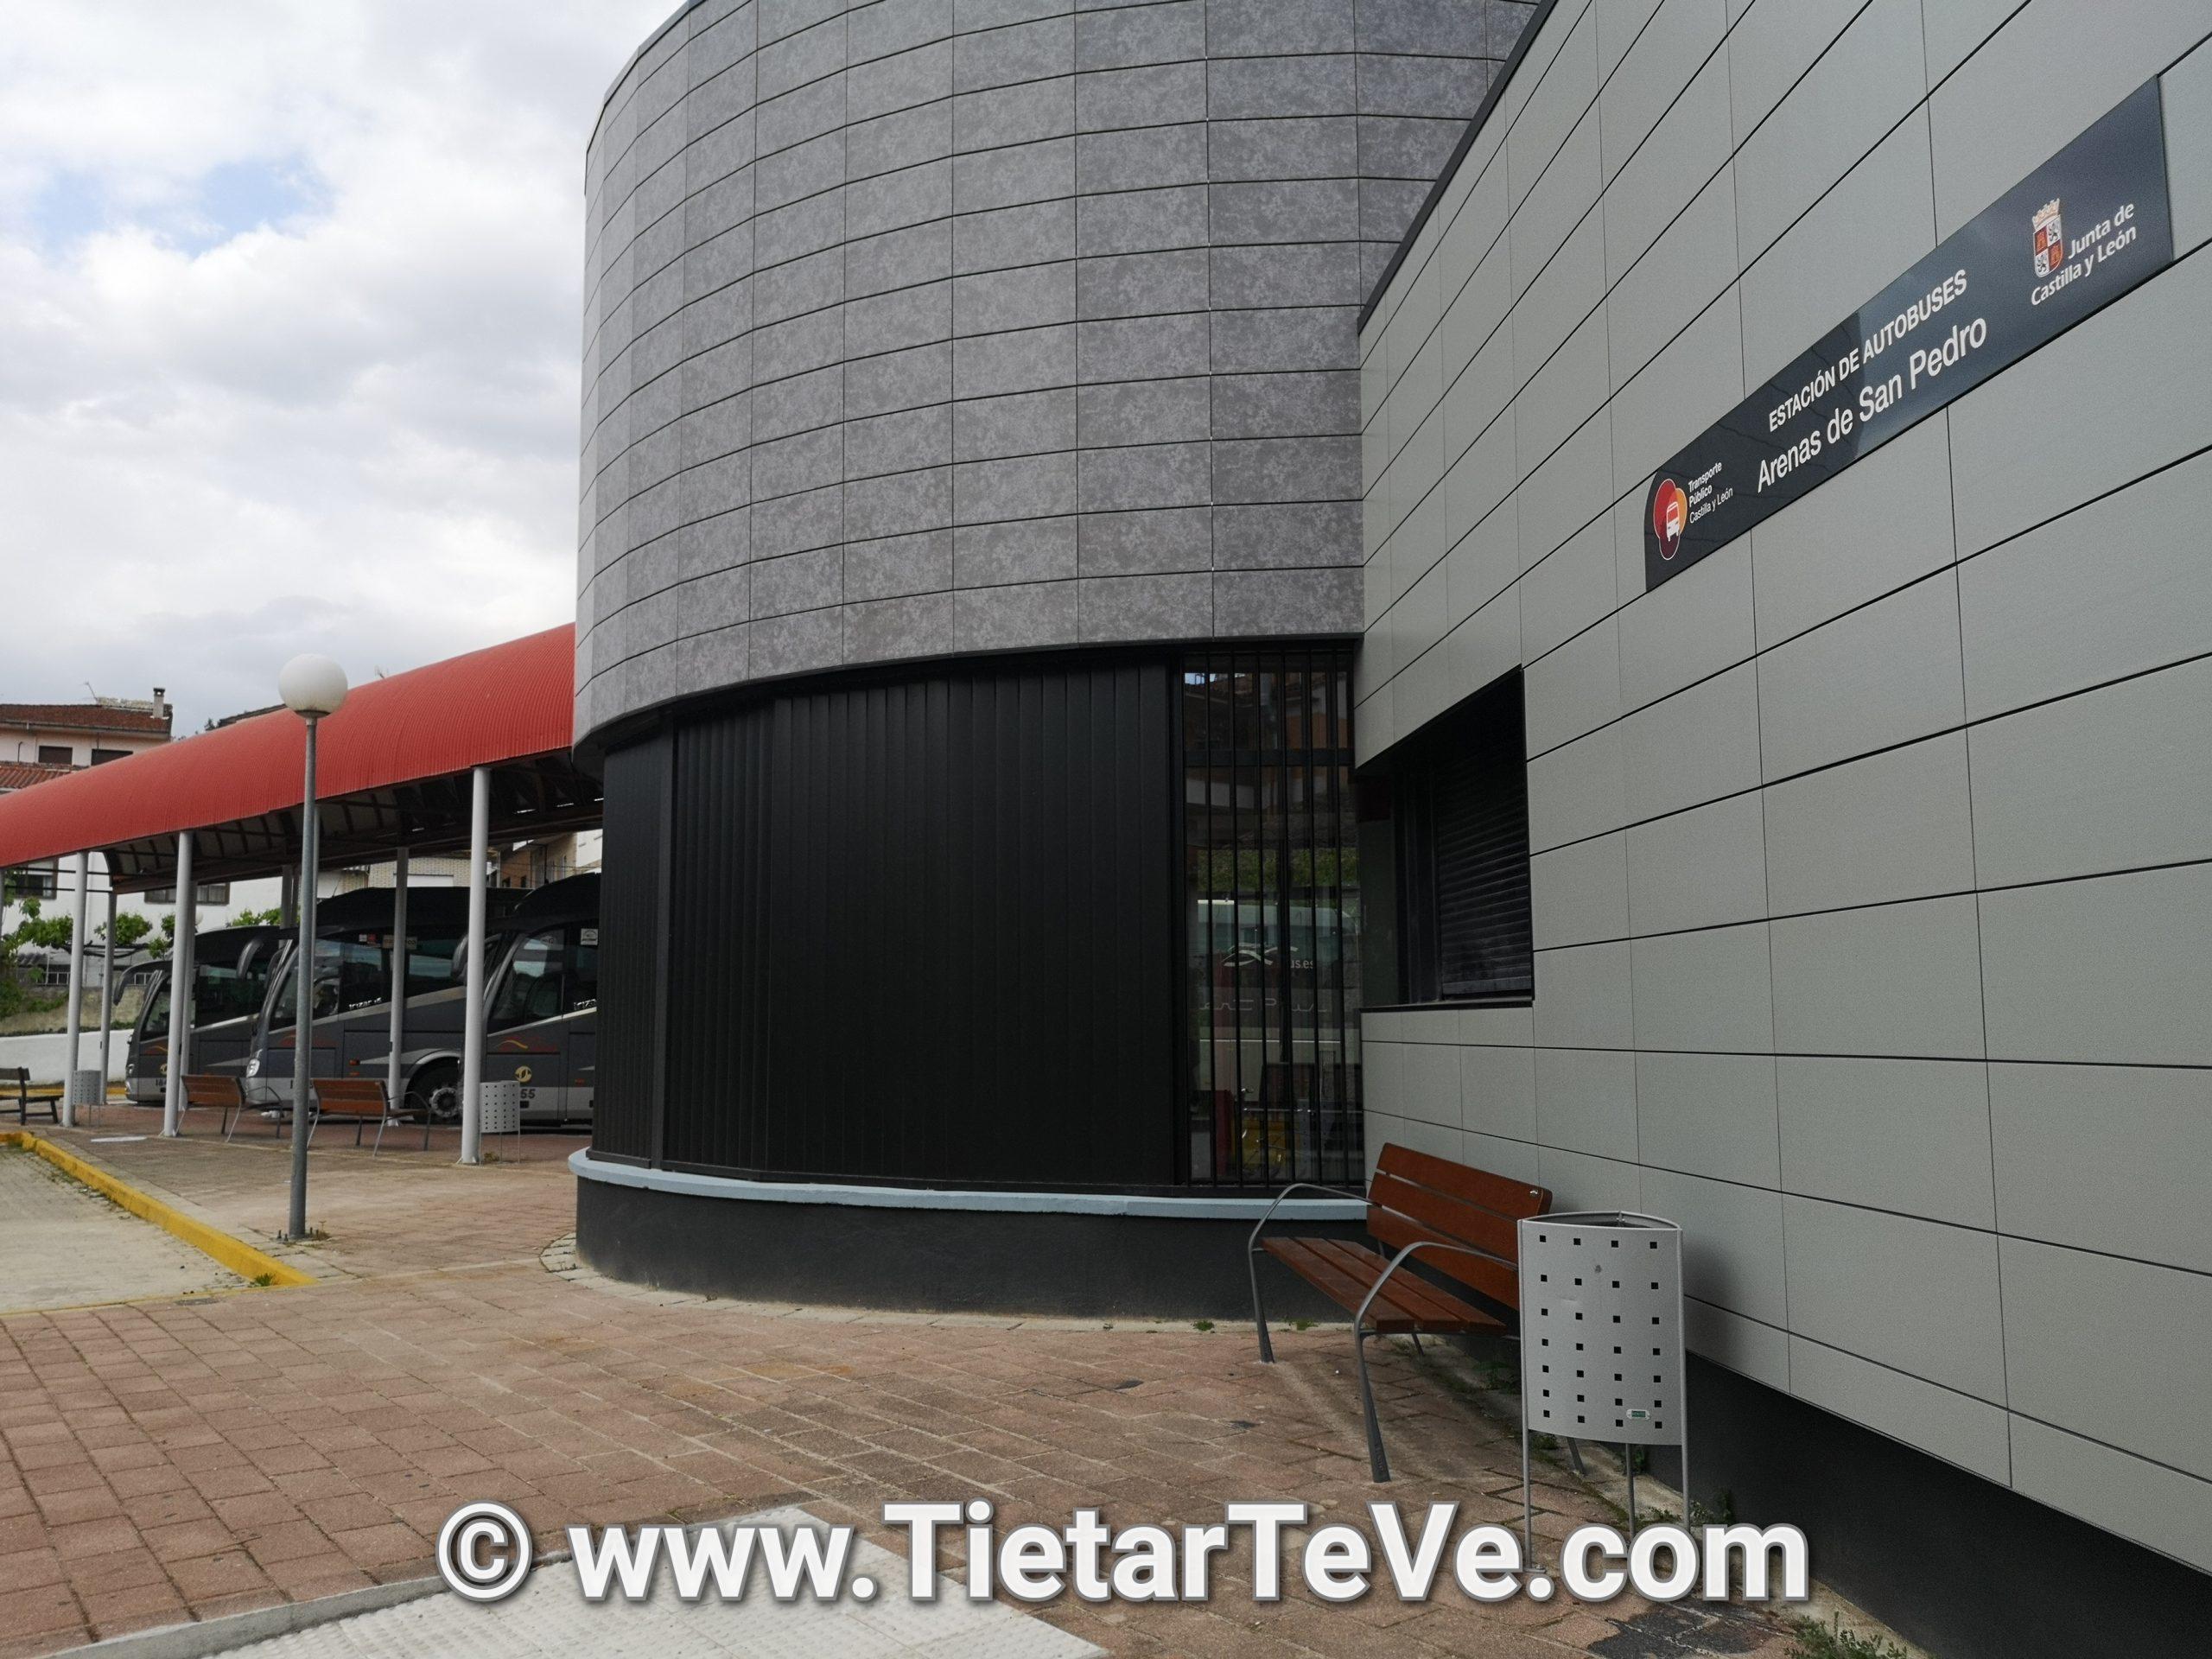 Nueva estación de autobuses de Arenas de San Pedro